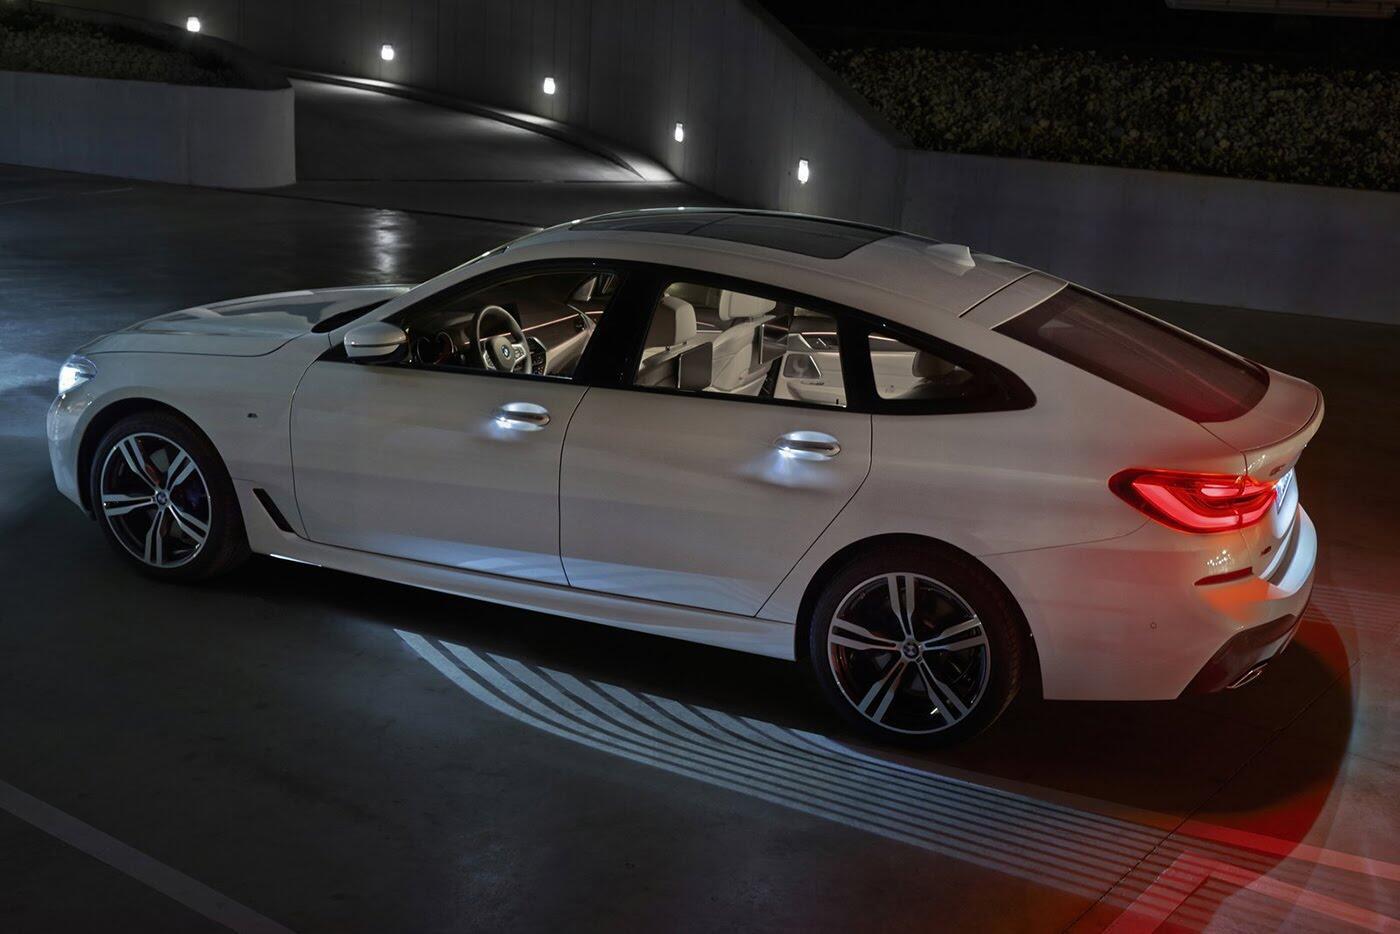 Xem thêm ảnh BMW 6-Series Gran Turismo 2018 - Hình 8